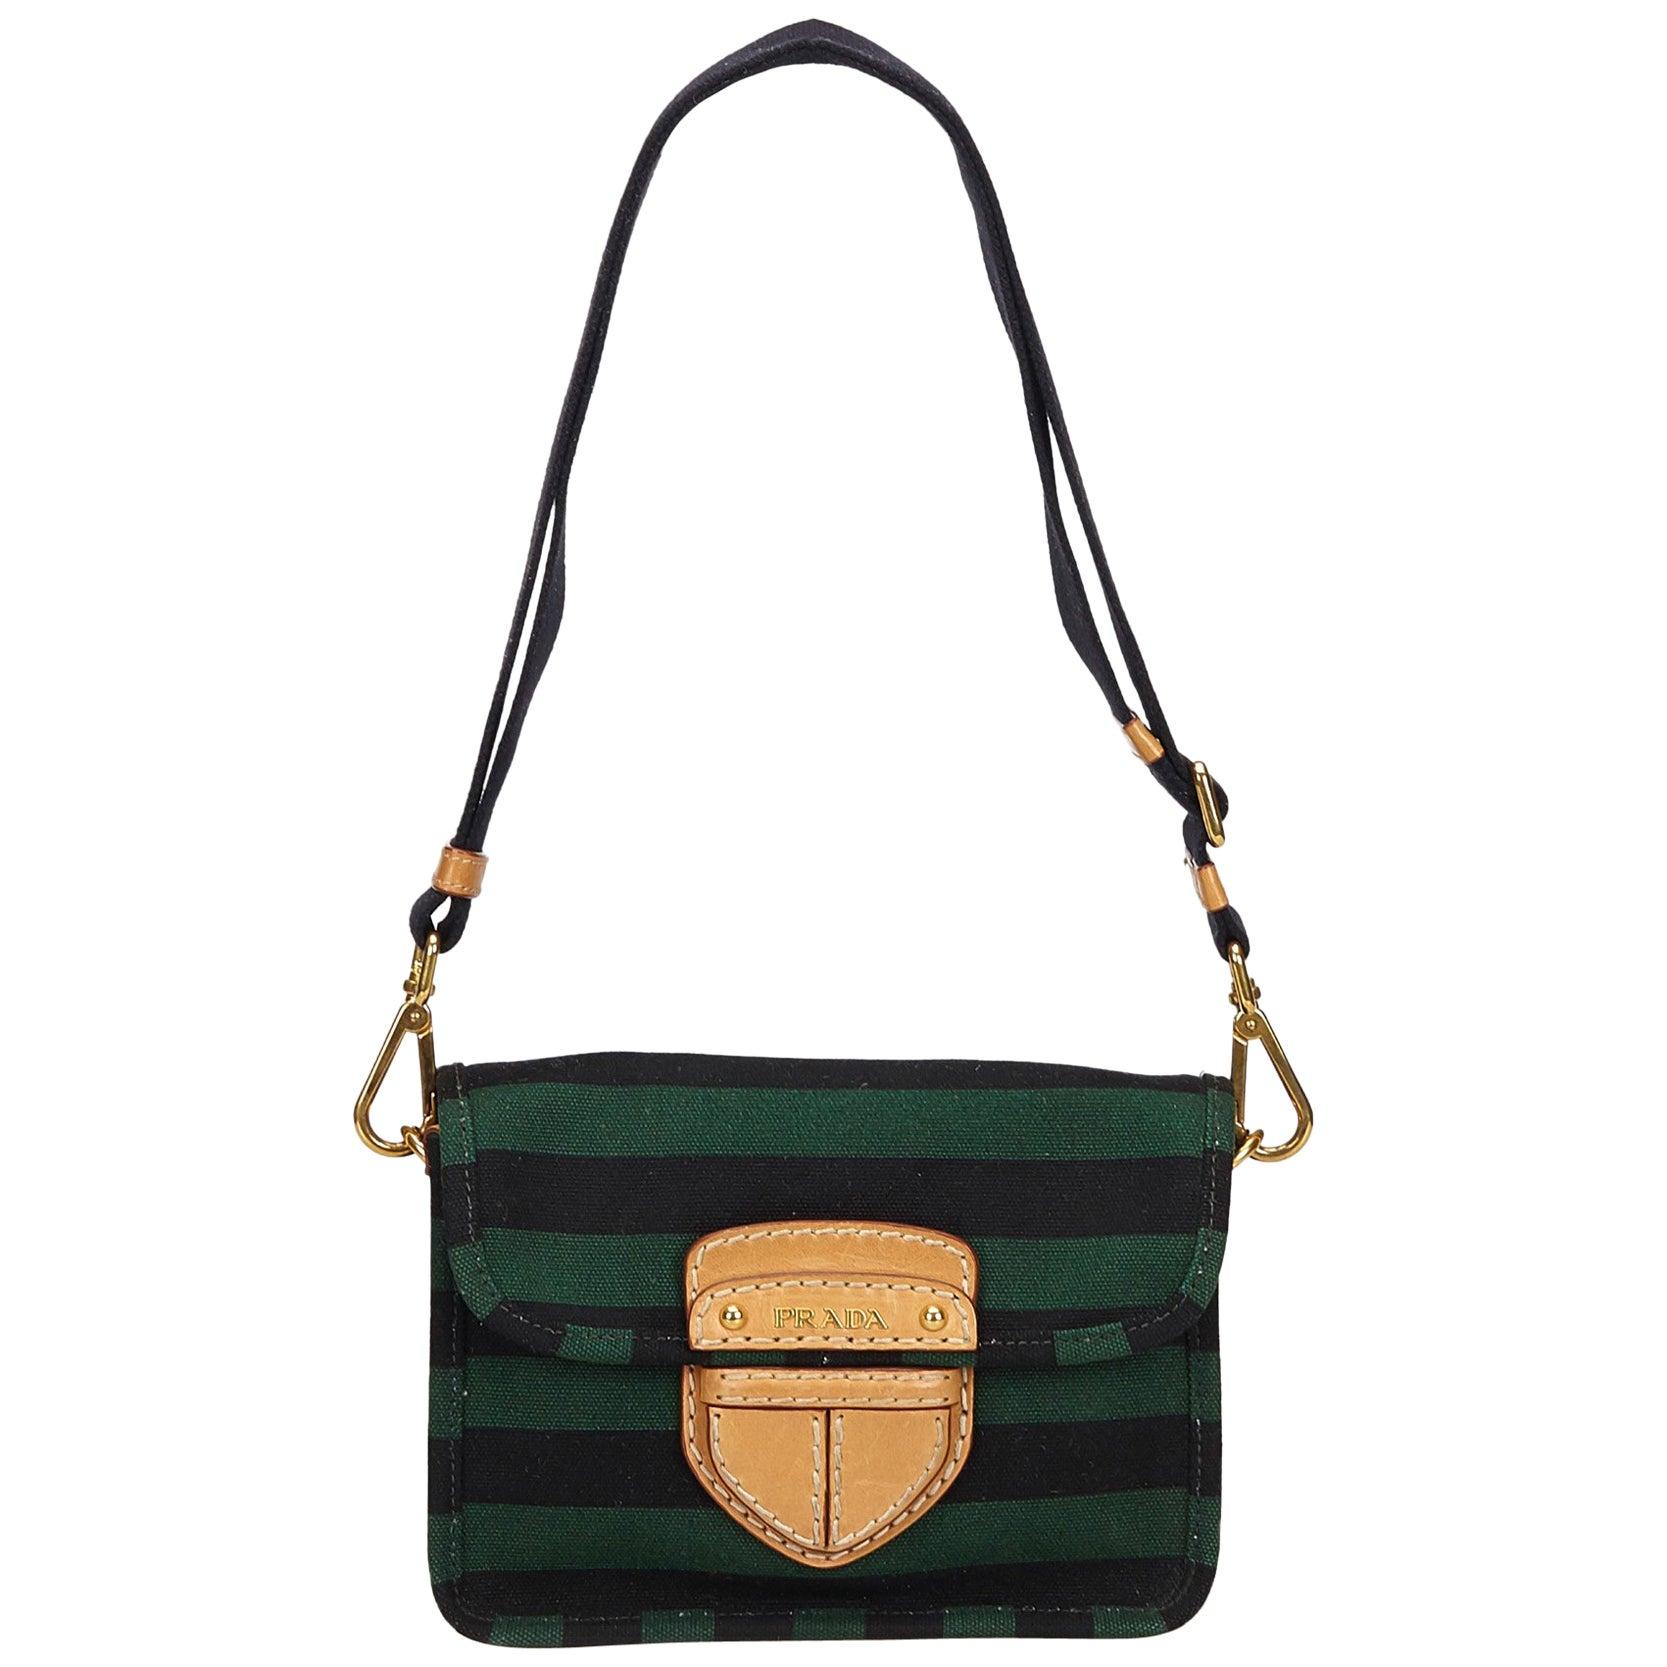 5341577ef6bc6b Prada Green x Black Pattina Canapa Righe Bag at 1stdibs